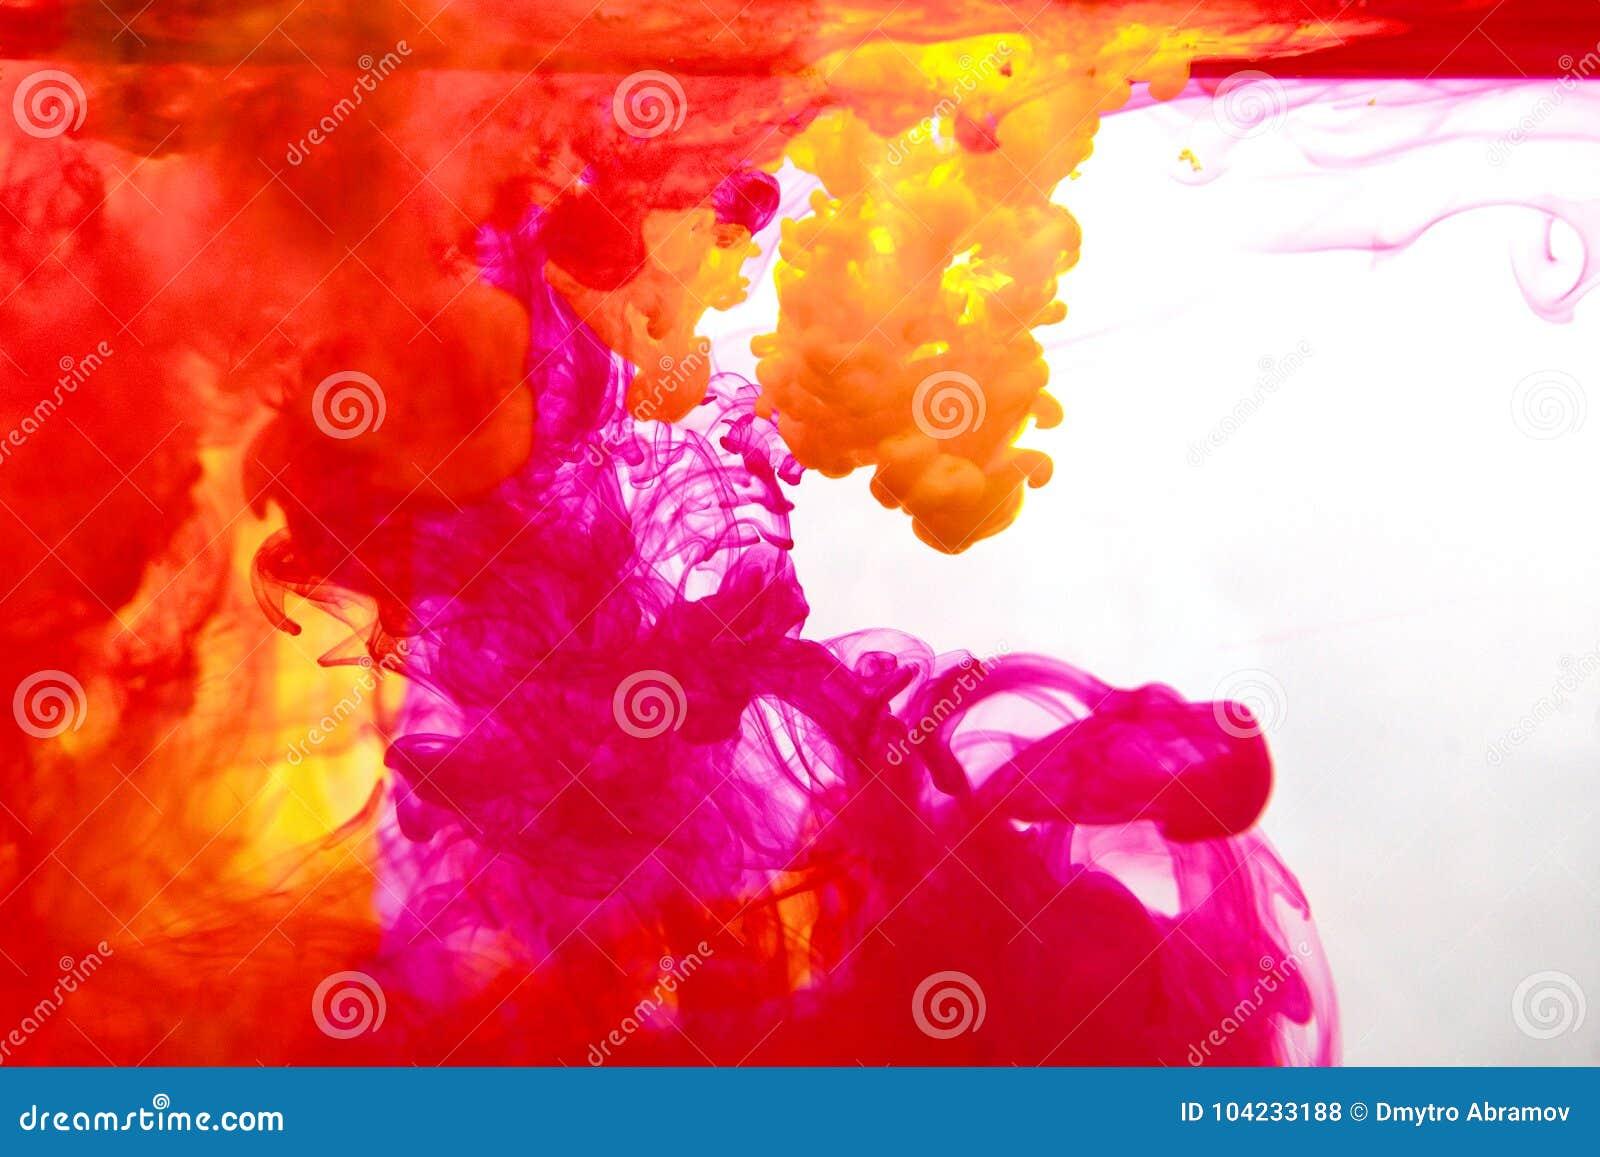 Inkt in water, kleurenabstractie, kleurenexplosie